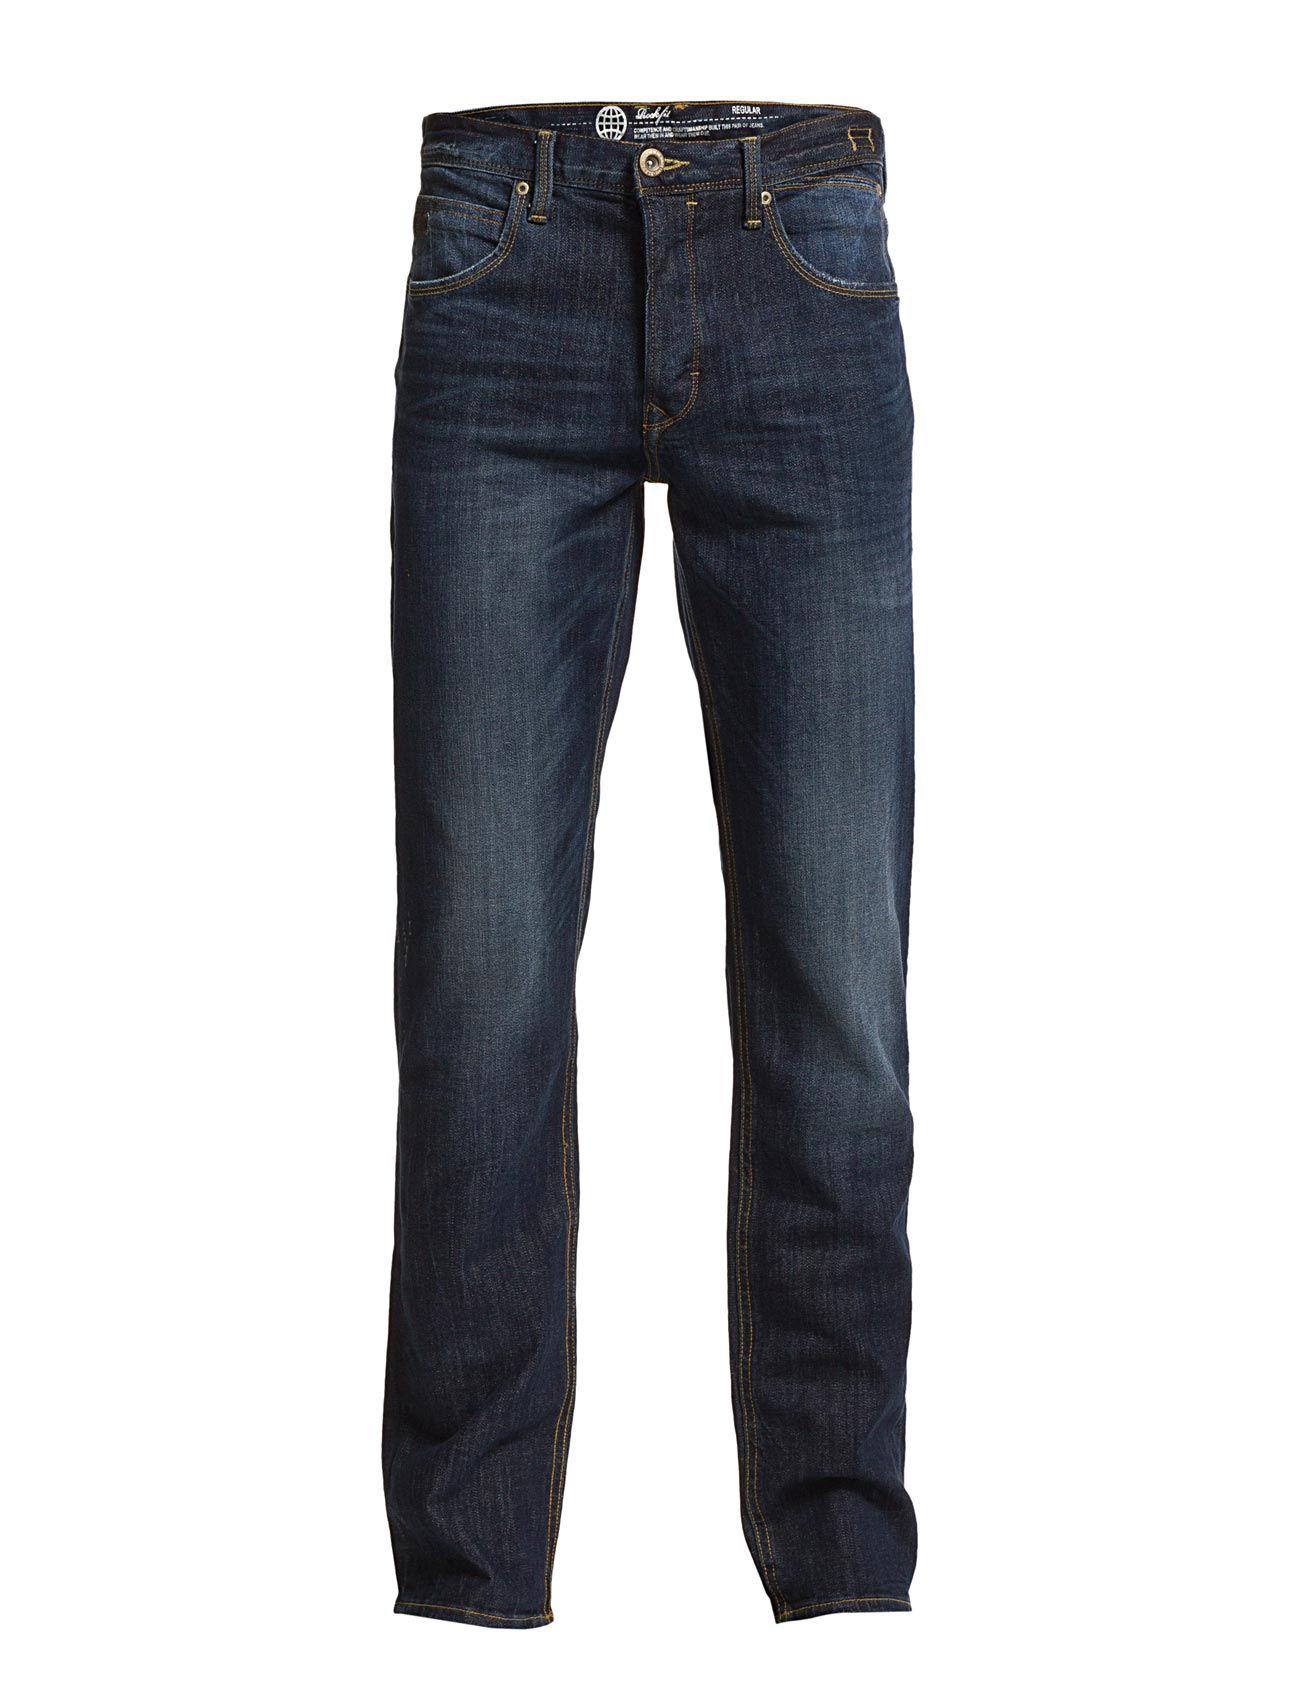 Jeans - Noos Rock Fit Blend Almindelig til Mænd i Mørkeblå